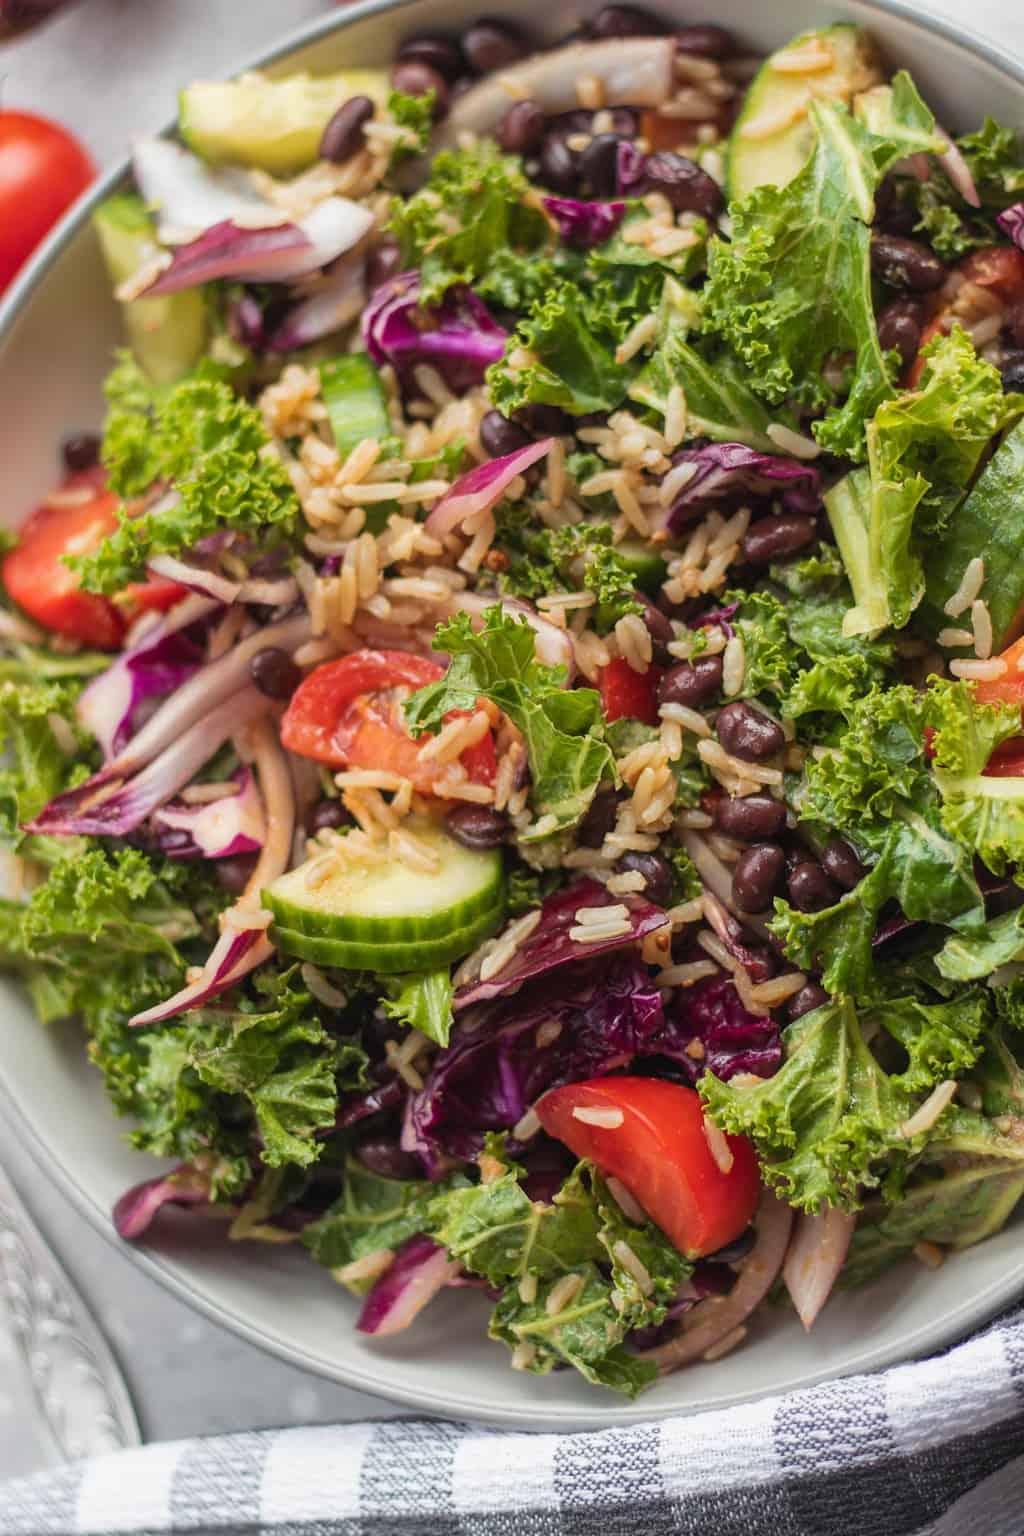 ensalada de col rizada con verduras frescas y arroz